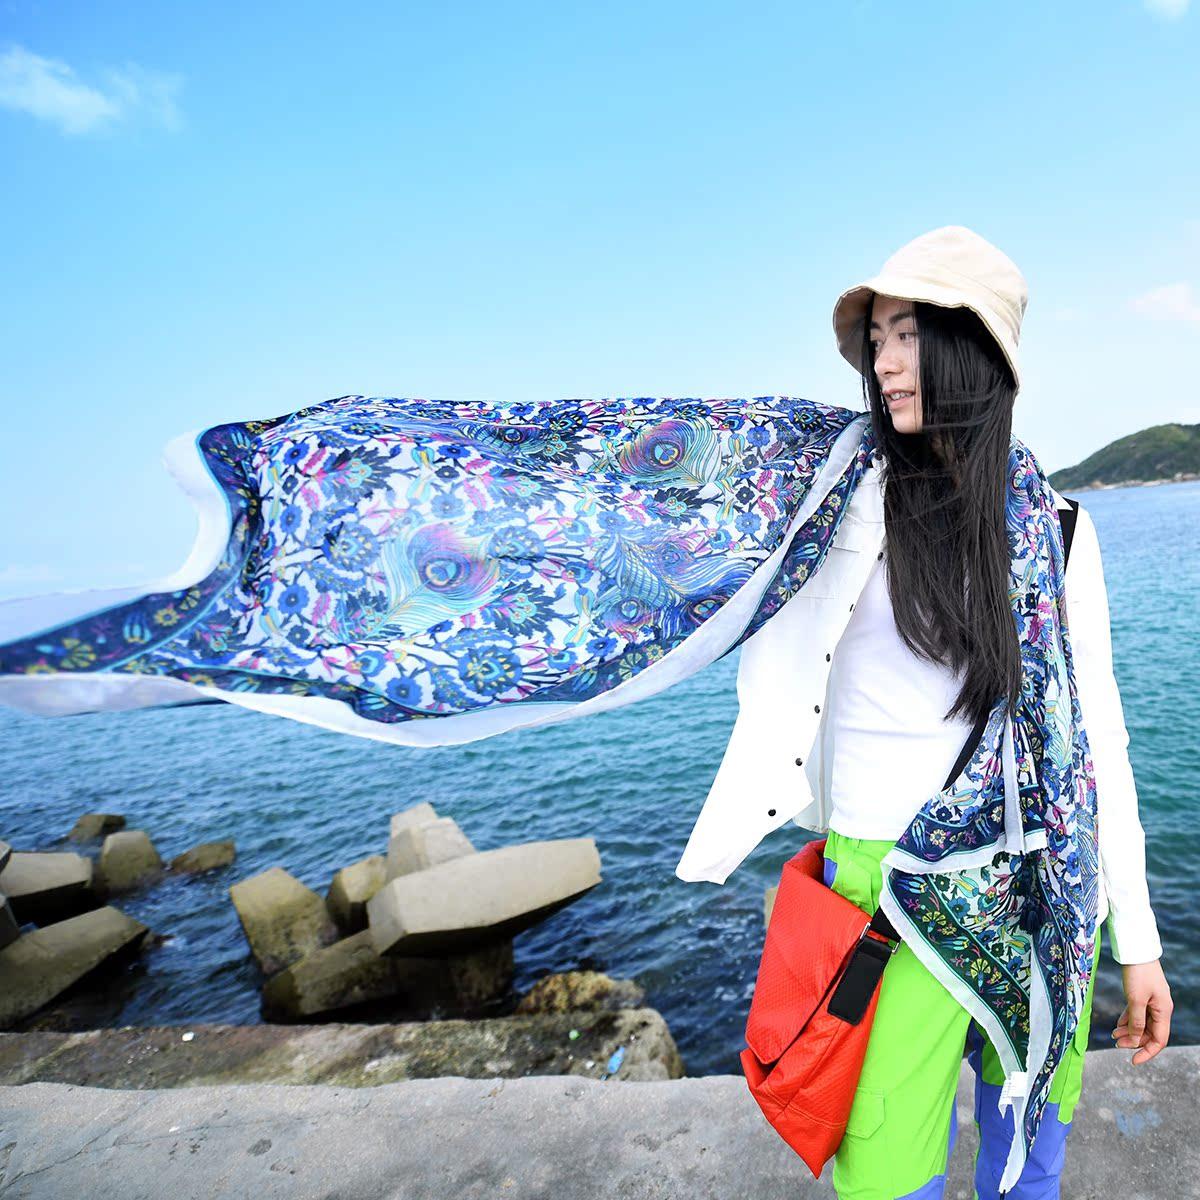 Пекин лес на открытом воздухе шаль шарф ретро ветер хлопковая ткань с принтом конопля кисточка шарфы путешествие затенение песчаный пляж полотенце